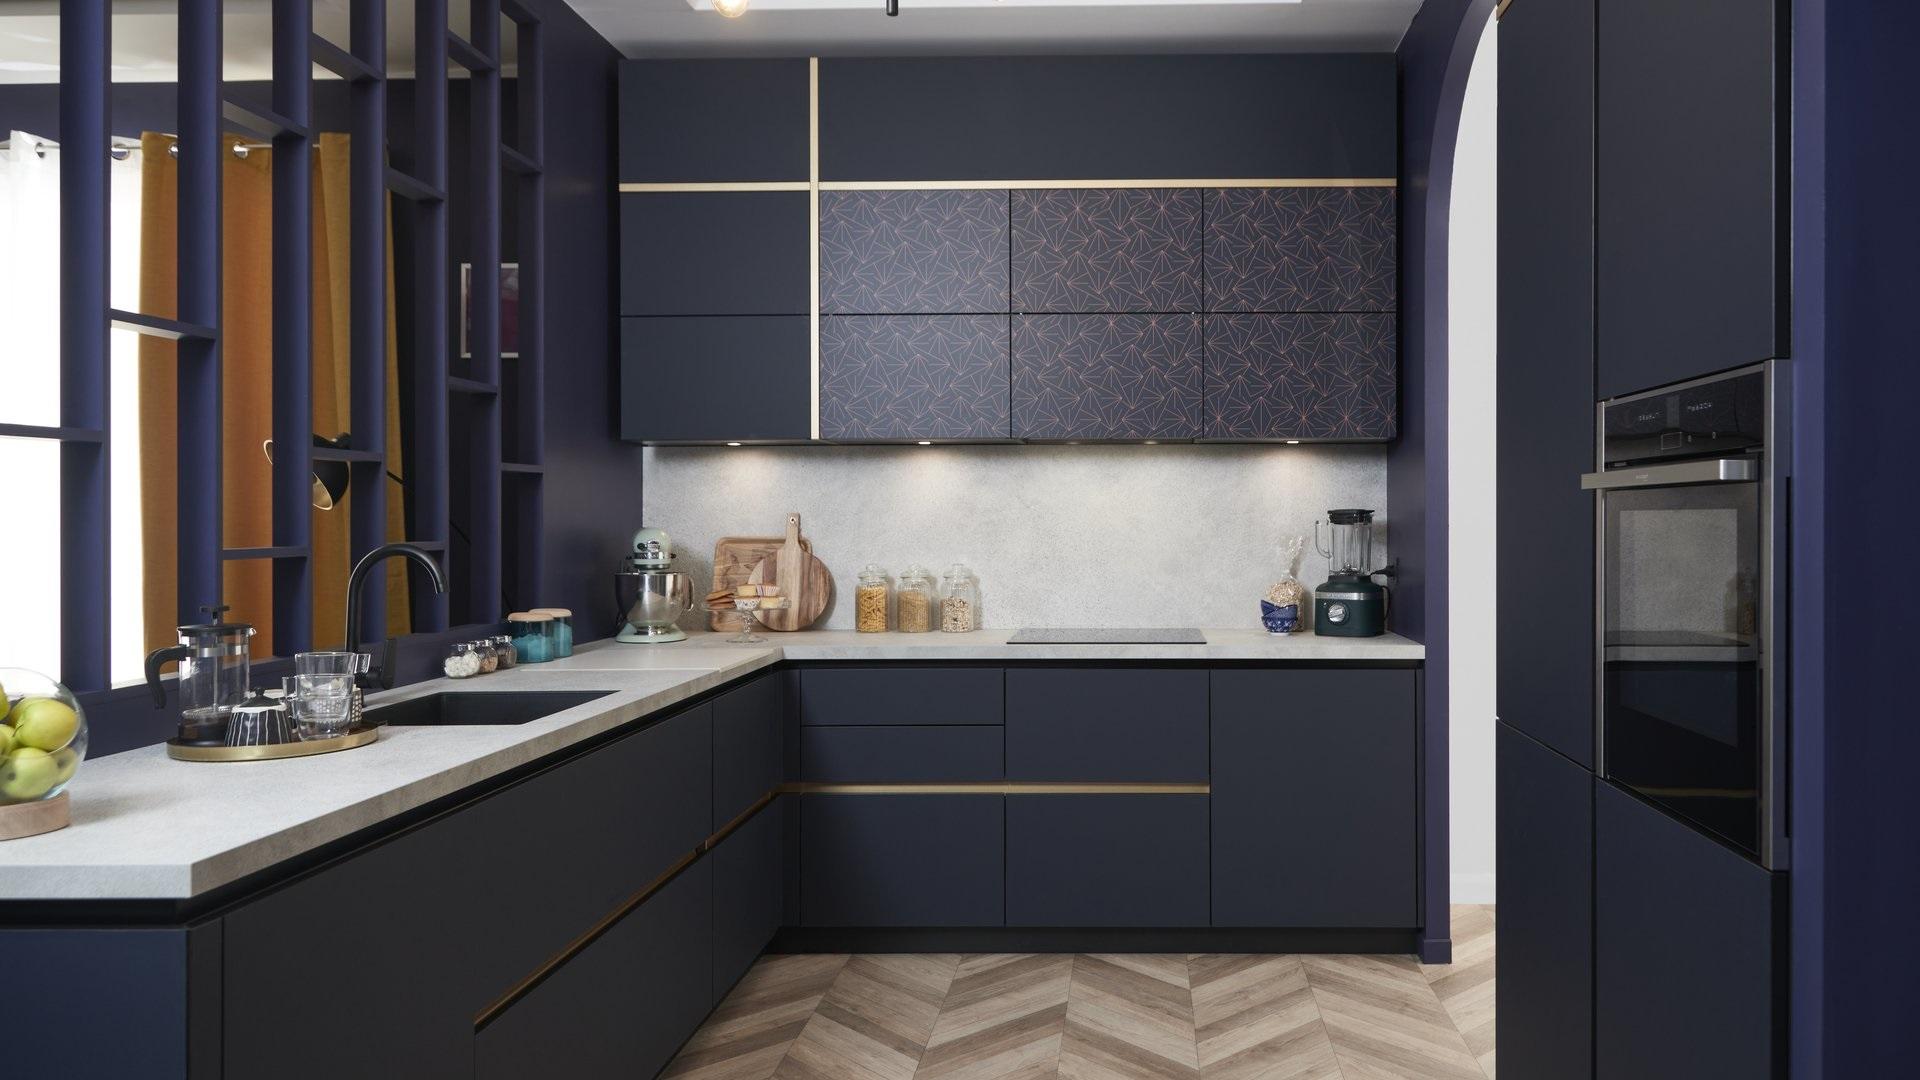 Bleu Dans Un Interieur Neo Art Deco